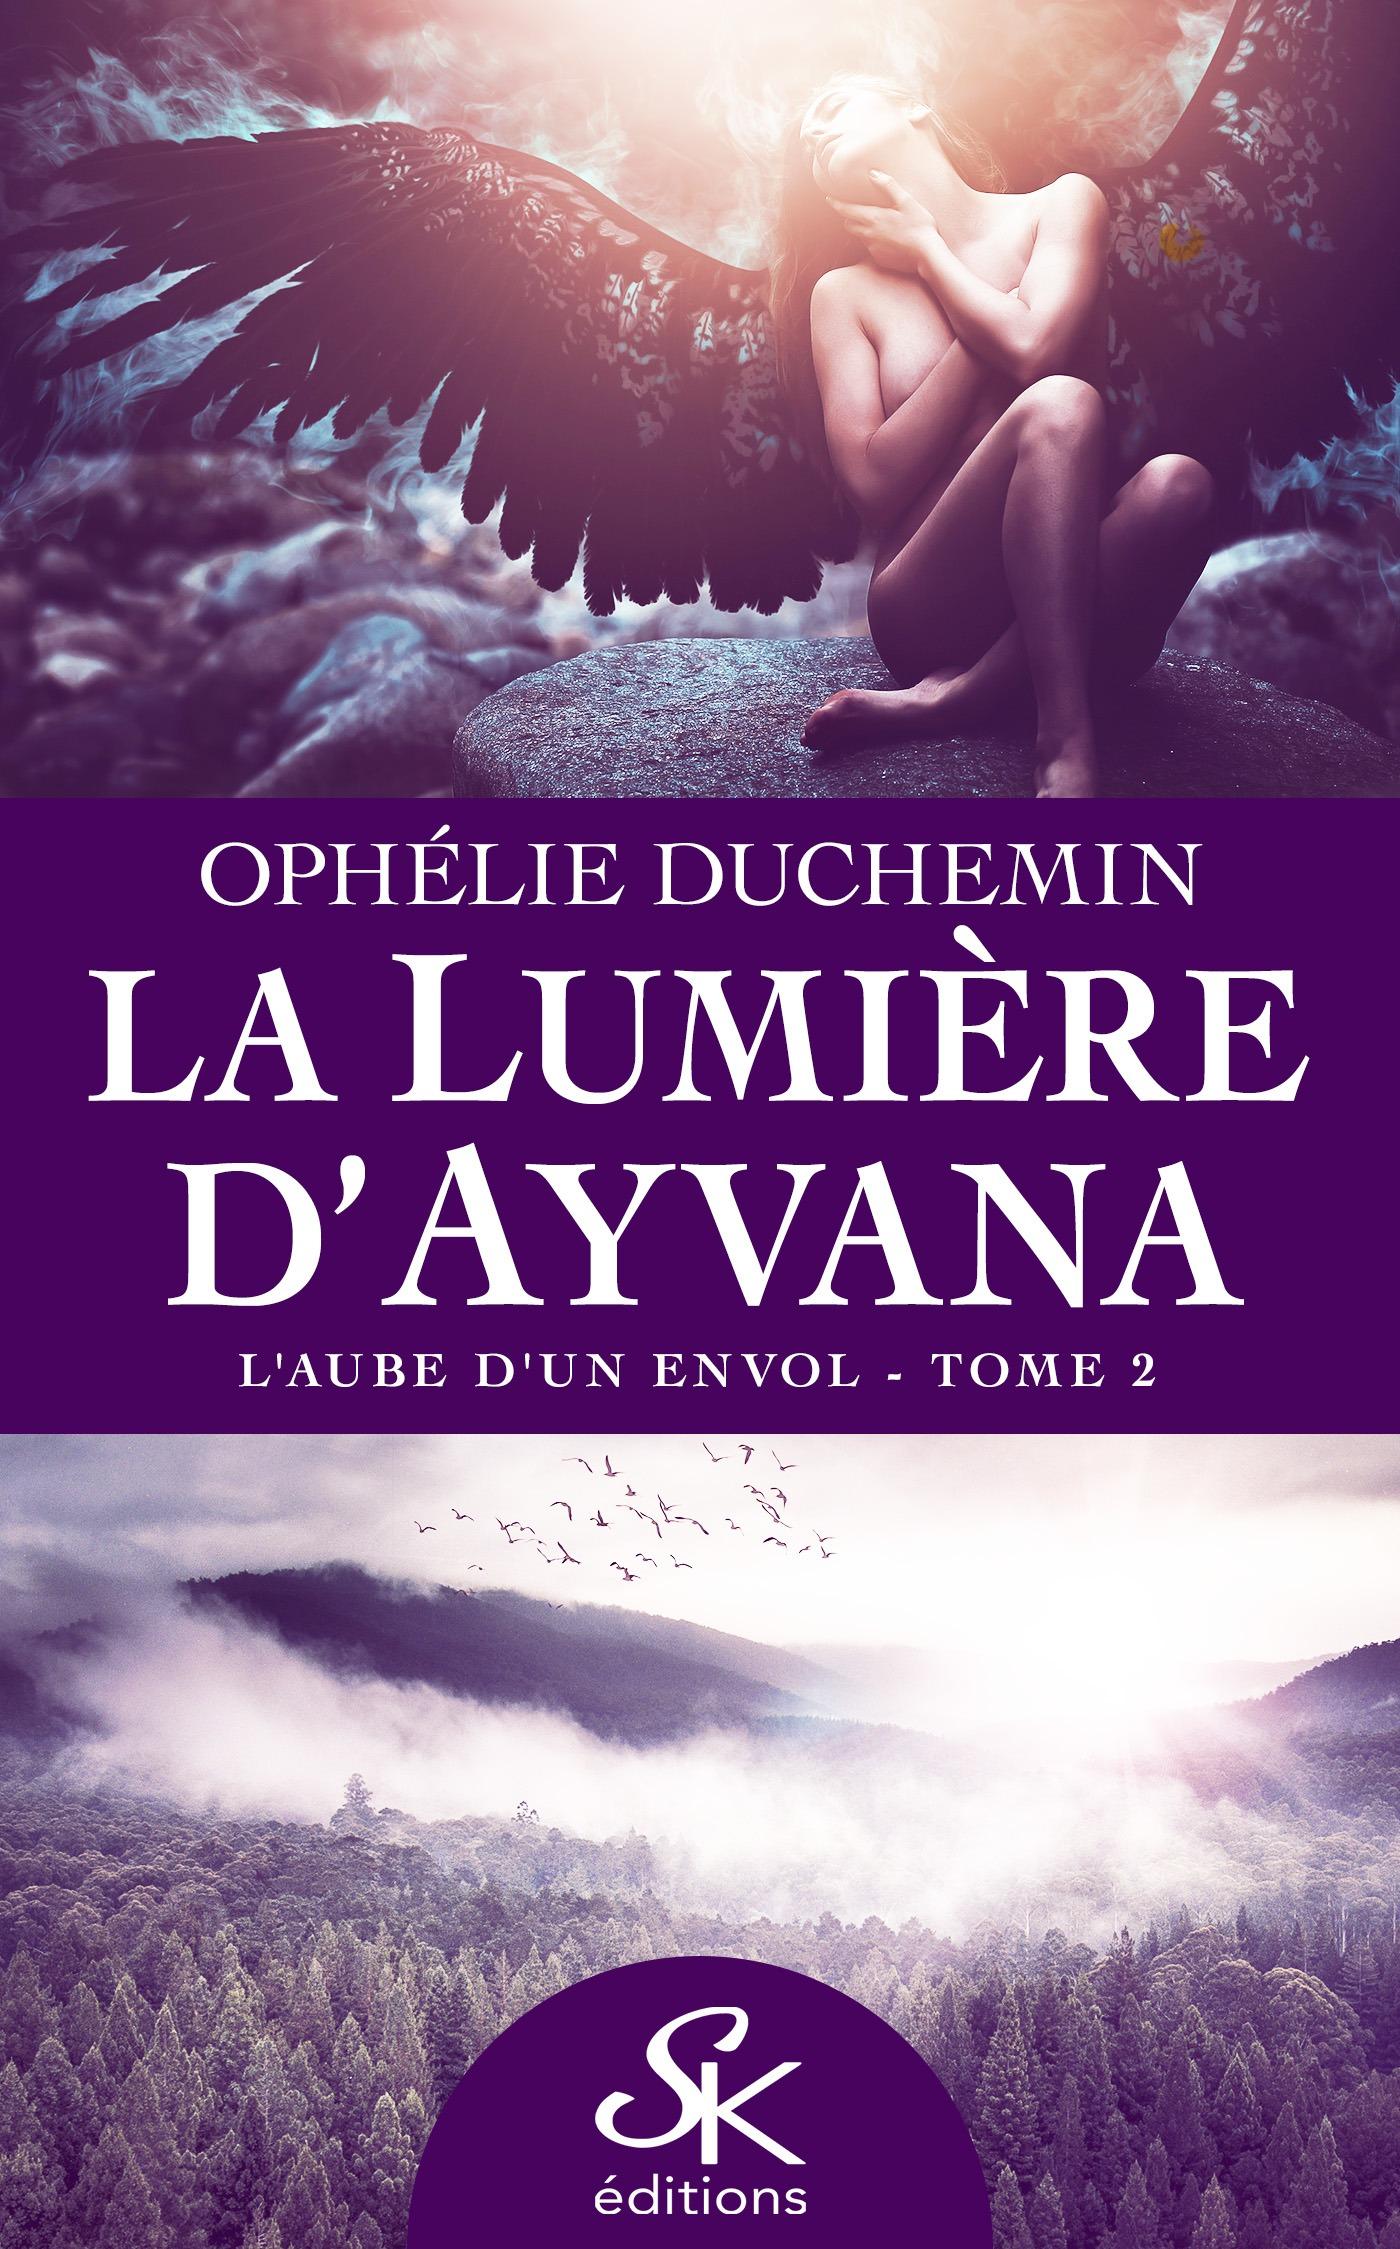 La lumière d'Ayvana 2, L'AUBE D'UN ENVOL